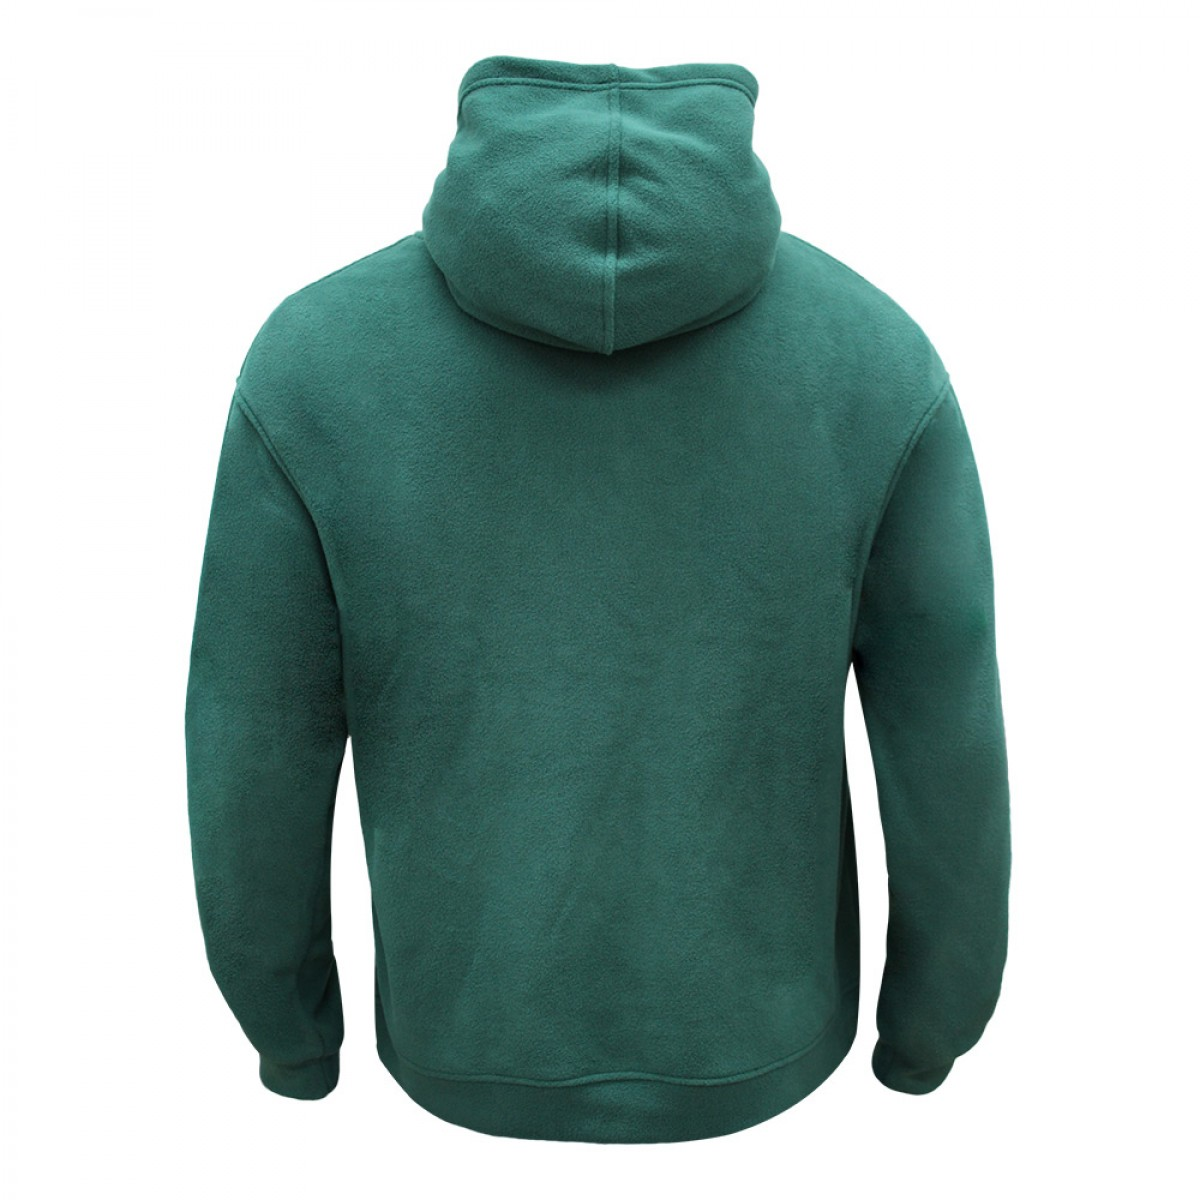 men-fleece-hoodie-jacket-kfh95714-6a